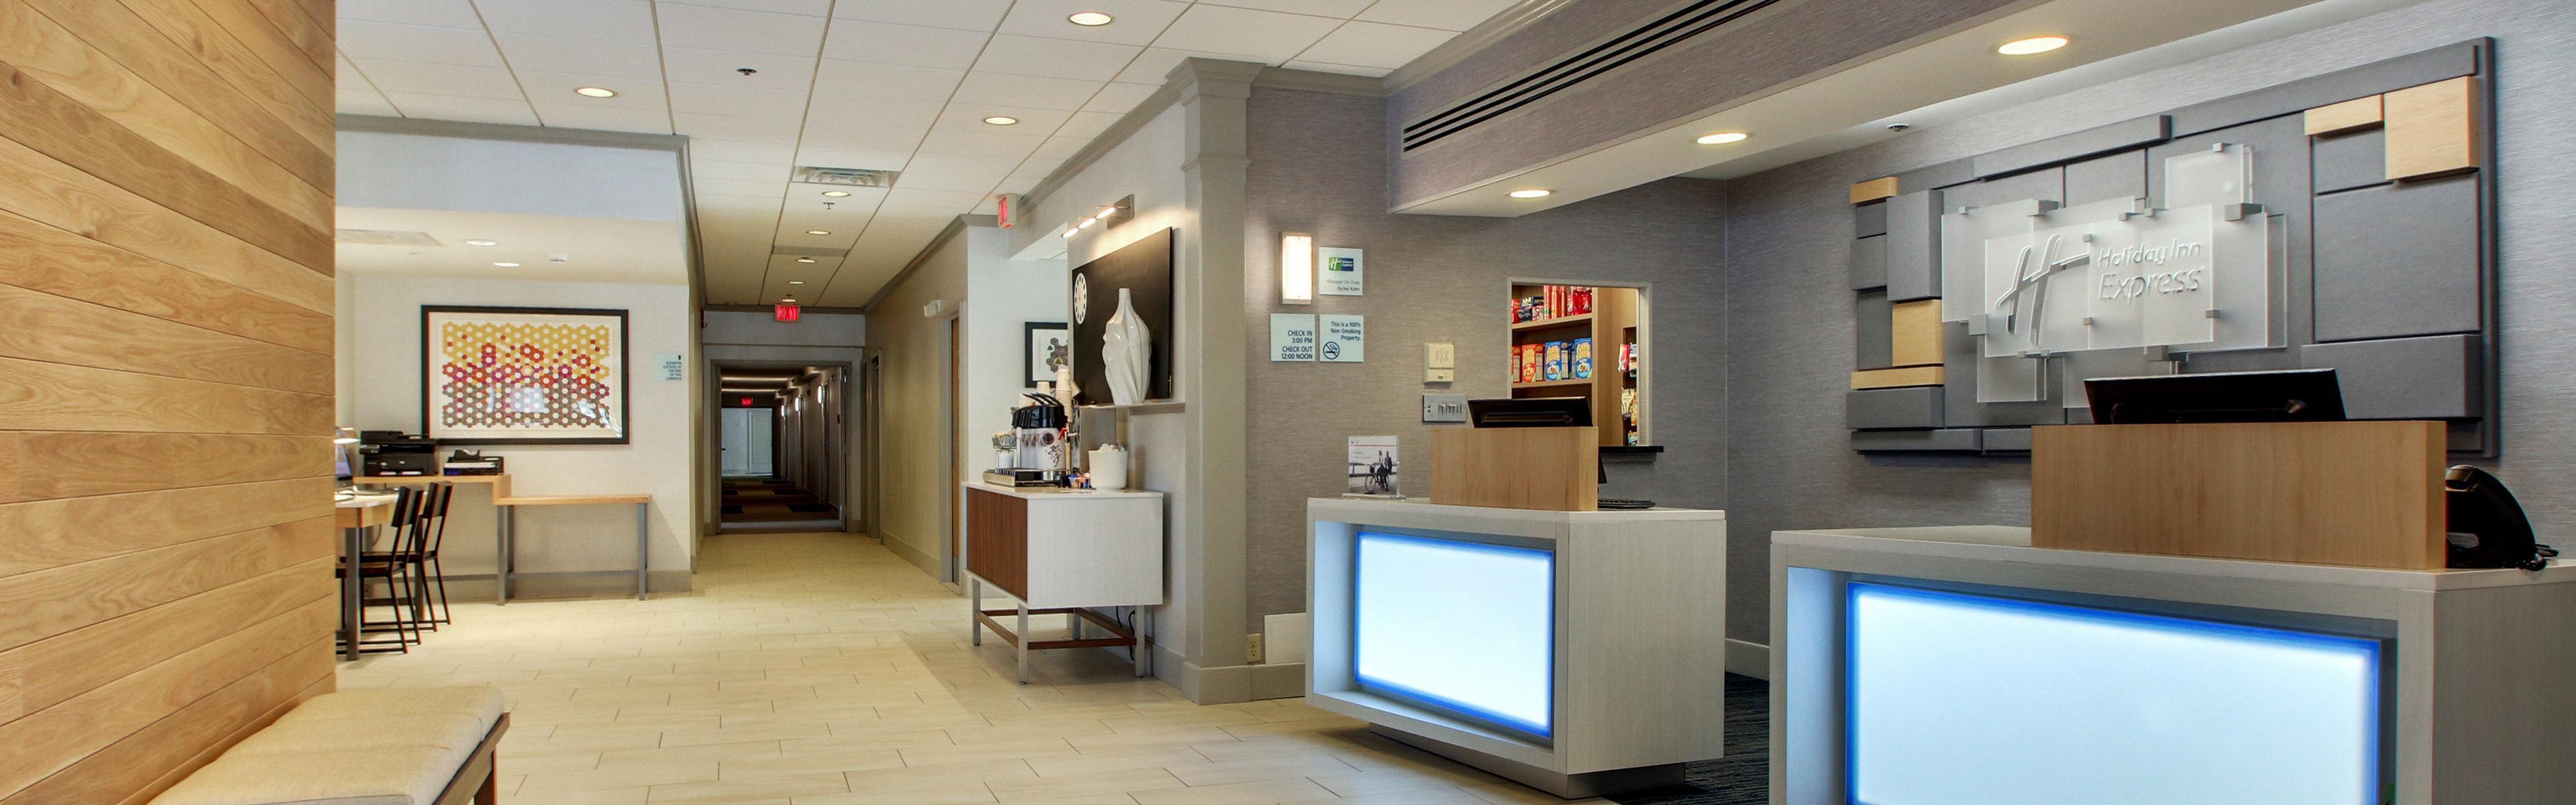 Holiday Inn Express Poughkeepsie image 0